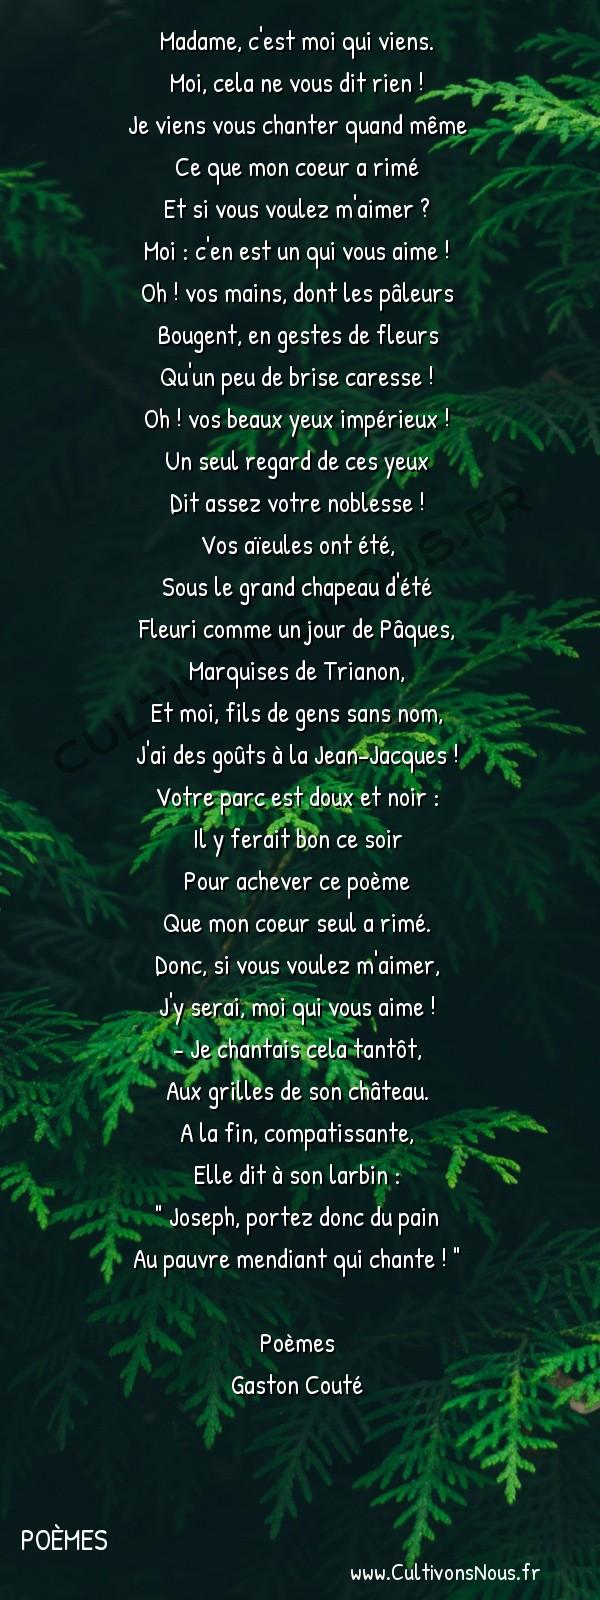 Poésie Gaston Couté - Poèmes - Stances à la châtelaine -  Madame, c'est moi qui viens. Moi, cela ne vous dit rien !